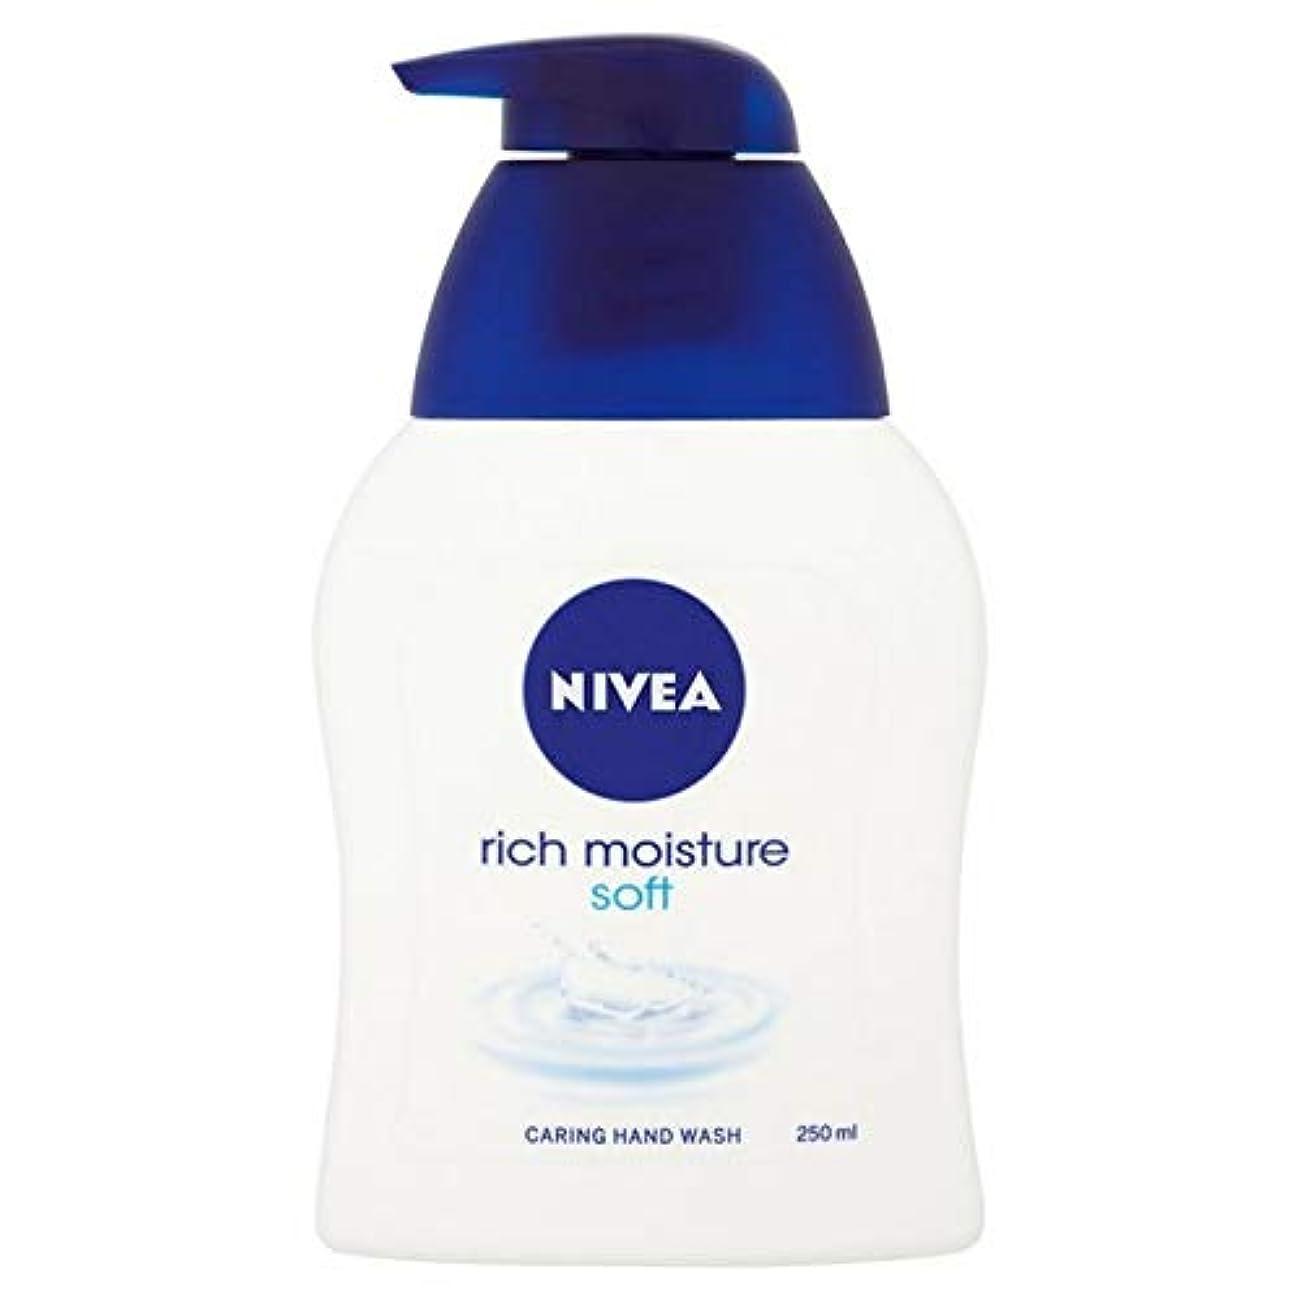 購入ピットロール[Nivea ] ニベア豊富な水分ソフト思いやり手洗いの250ミリリットル - Nivea Rich Moisture Soft Caring Hand Wash 250ml [並行輸入品]